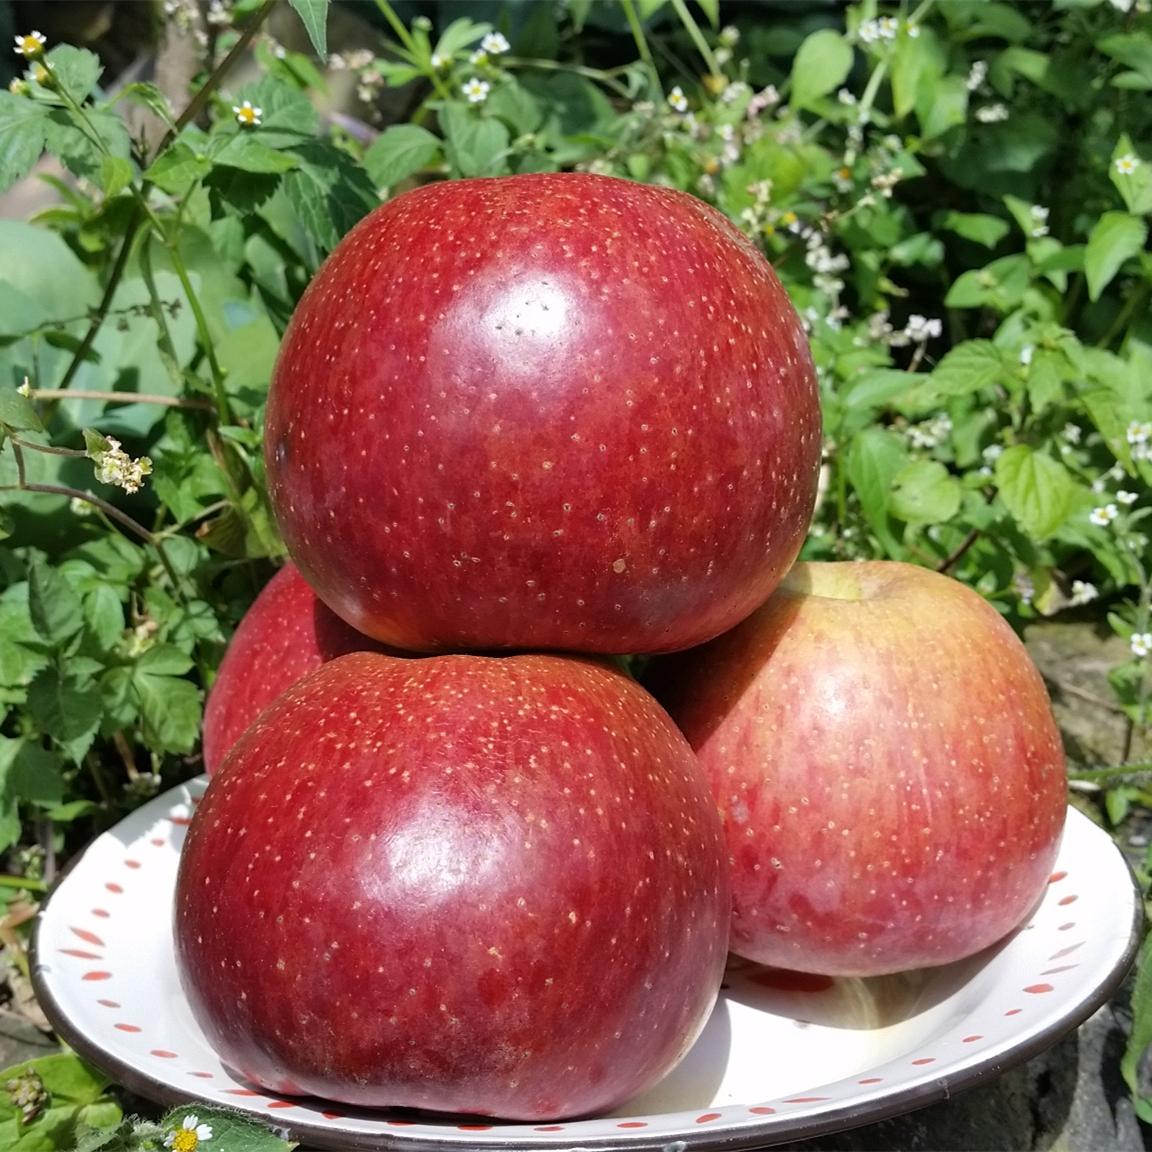 新鲜水果四川泸沽湖特产大凉山盐源丑苹果红将军富士苹果8斤80mm